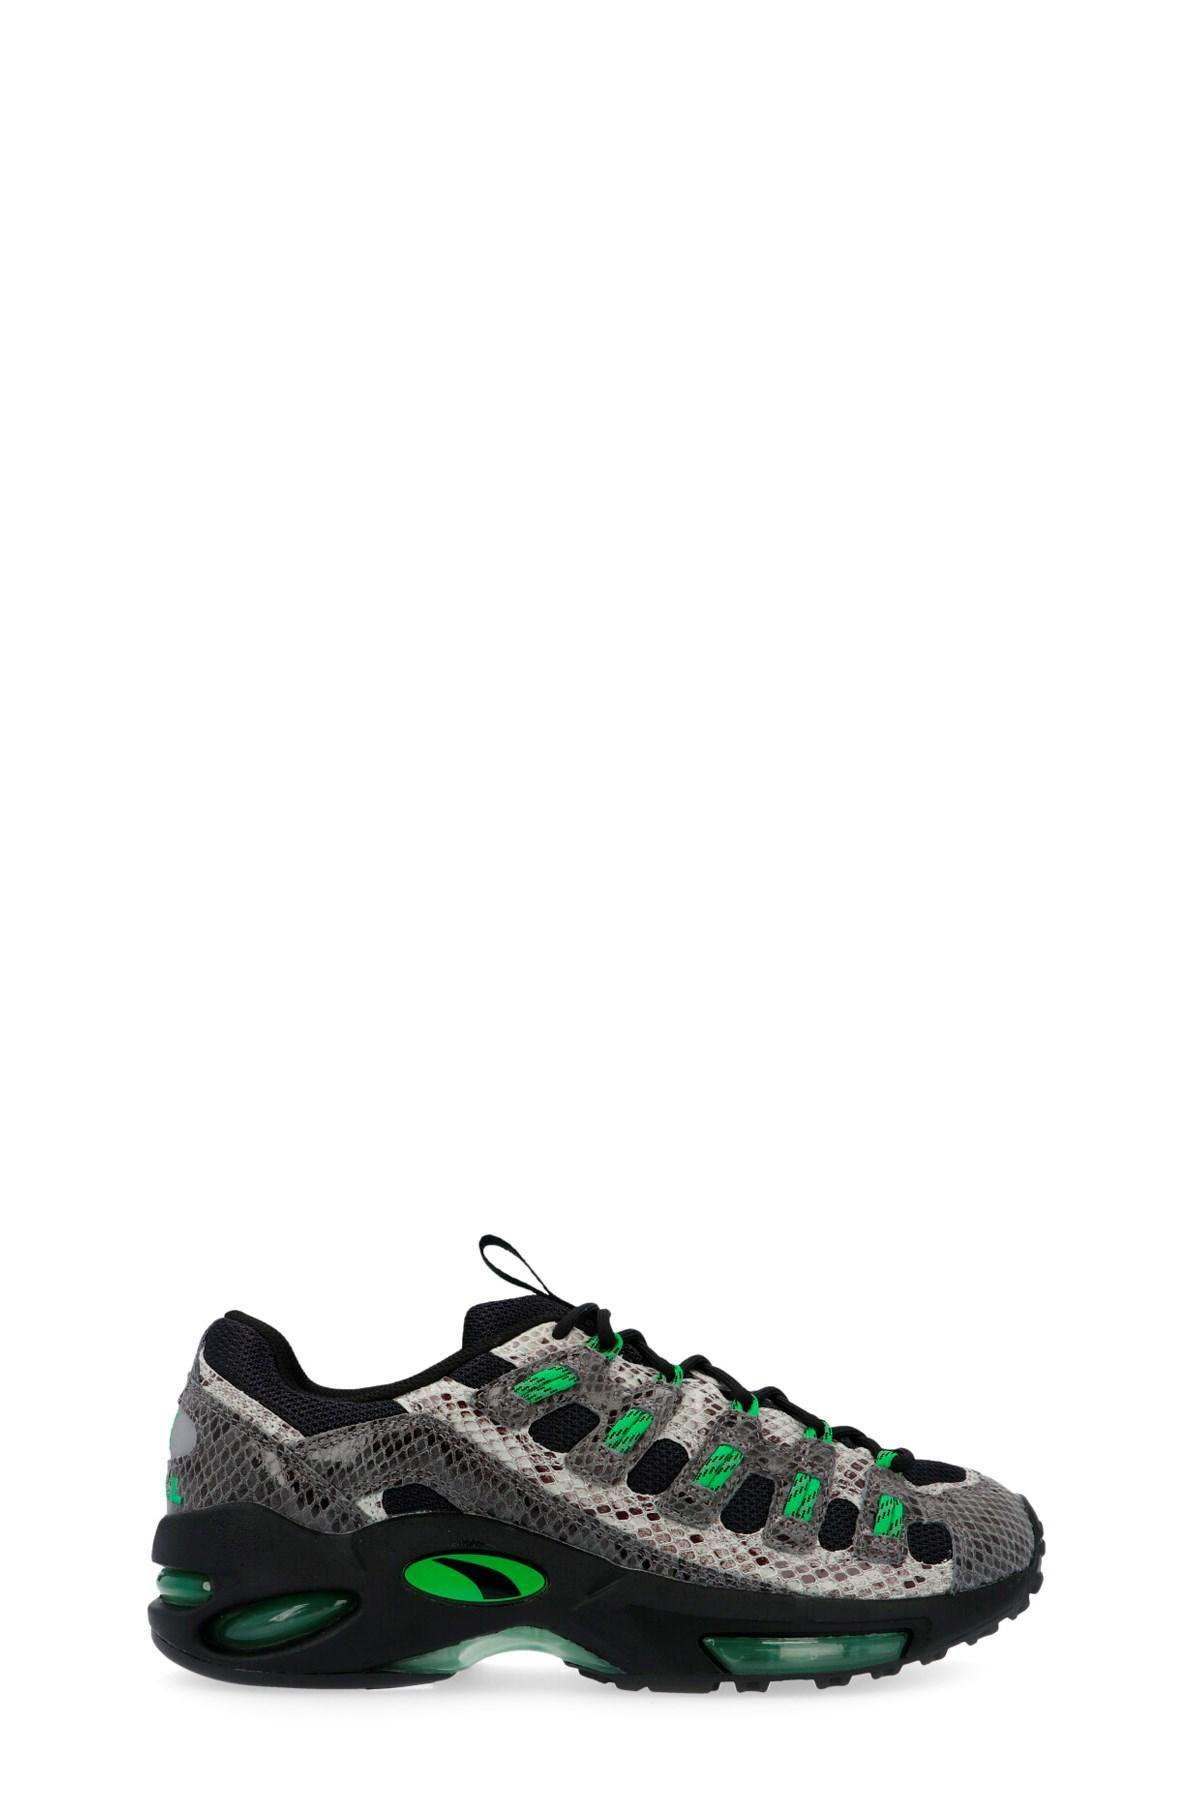 818e07e2fa Lyst - PUMA 'cell Endura Animal Kingdom' Sneakers in Black for Men